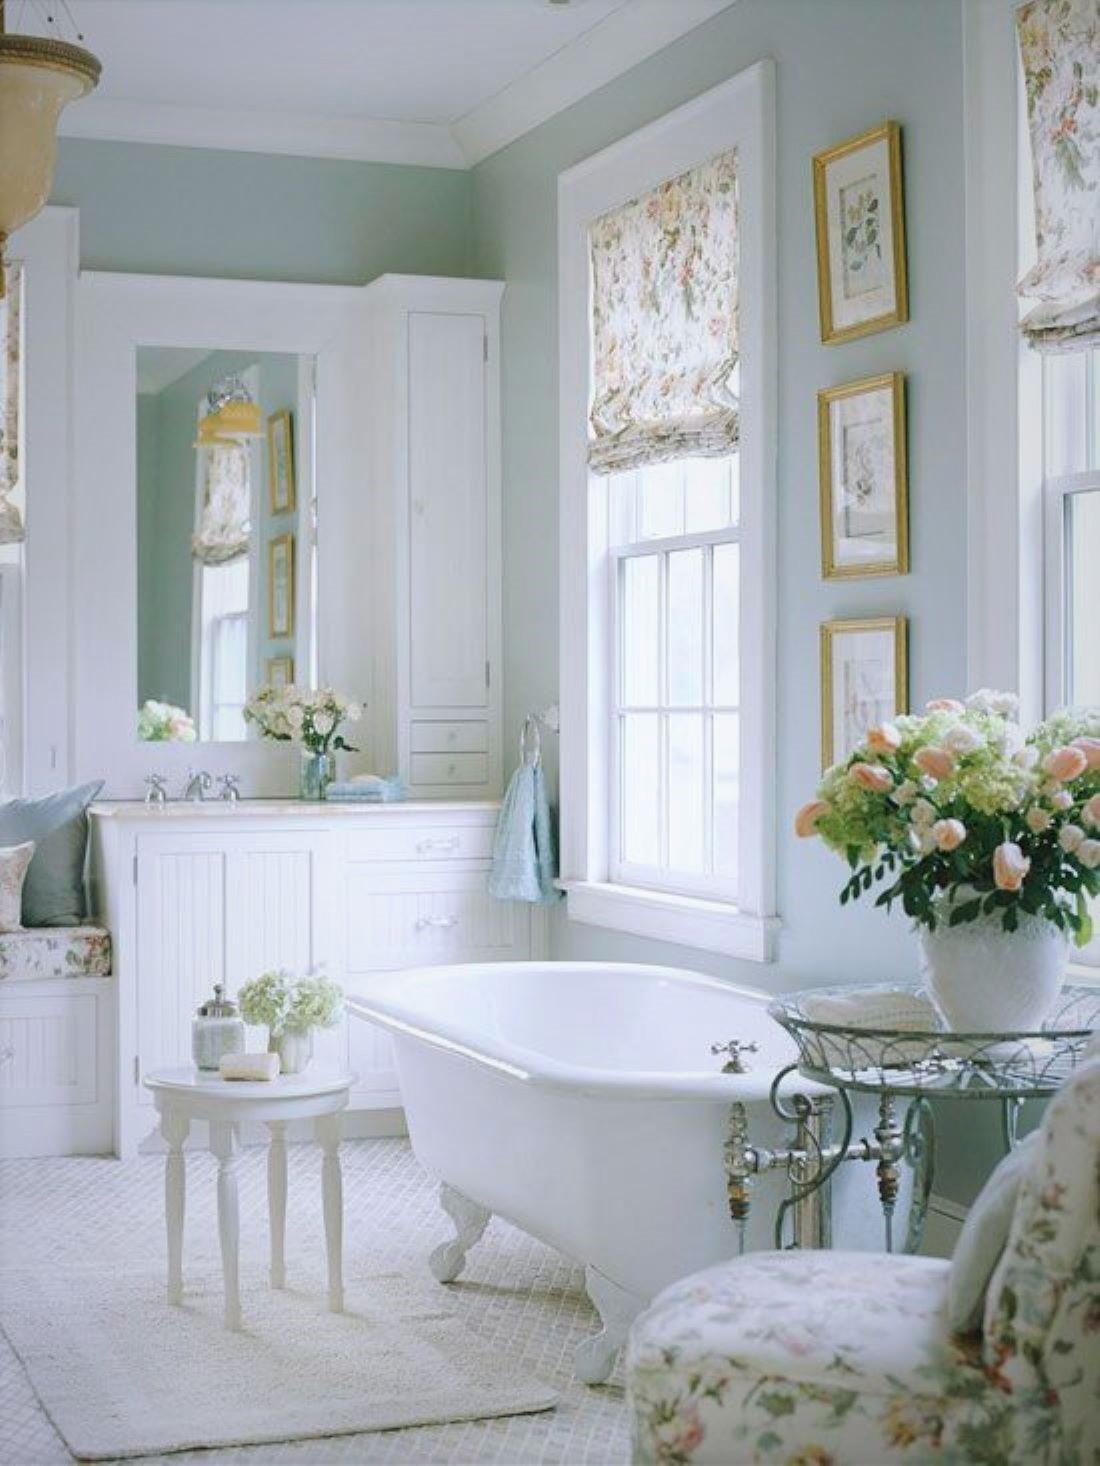 Elbűvölnek a világos fürdőszobák klasszikusban